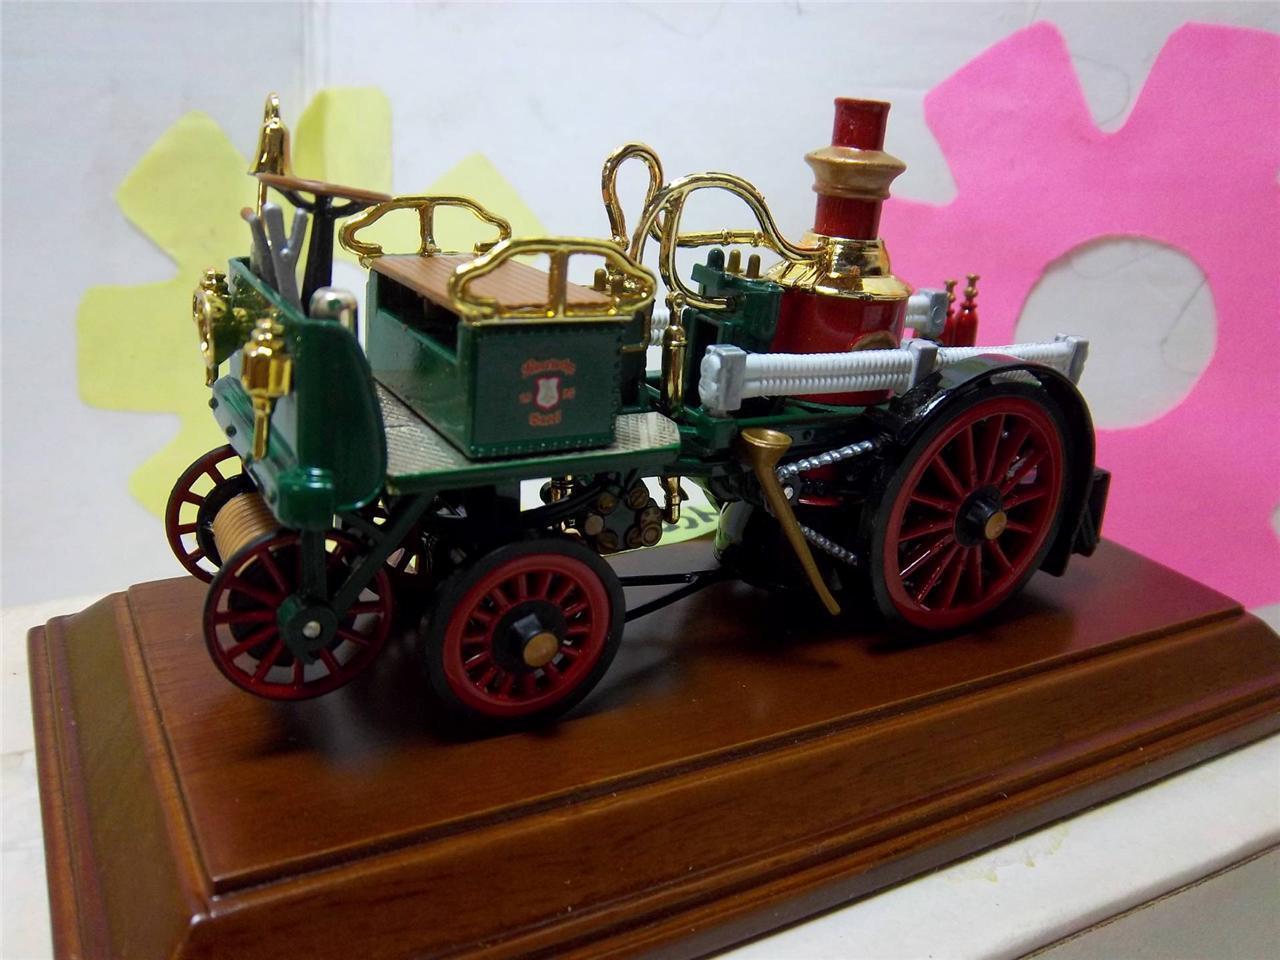 Matcbox vorgestern - ysfe 03 1905 busch - selbstfahrende feuer vt - parade - mib -.